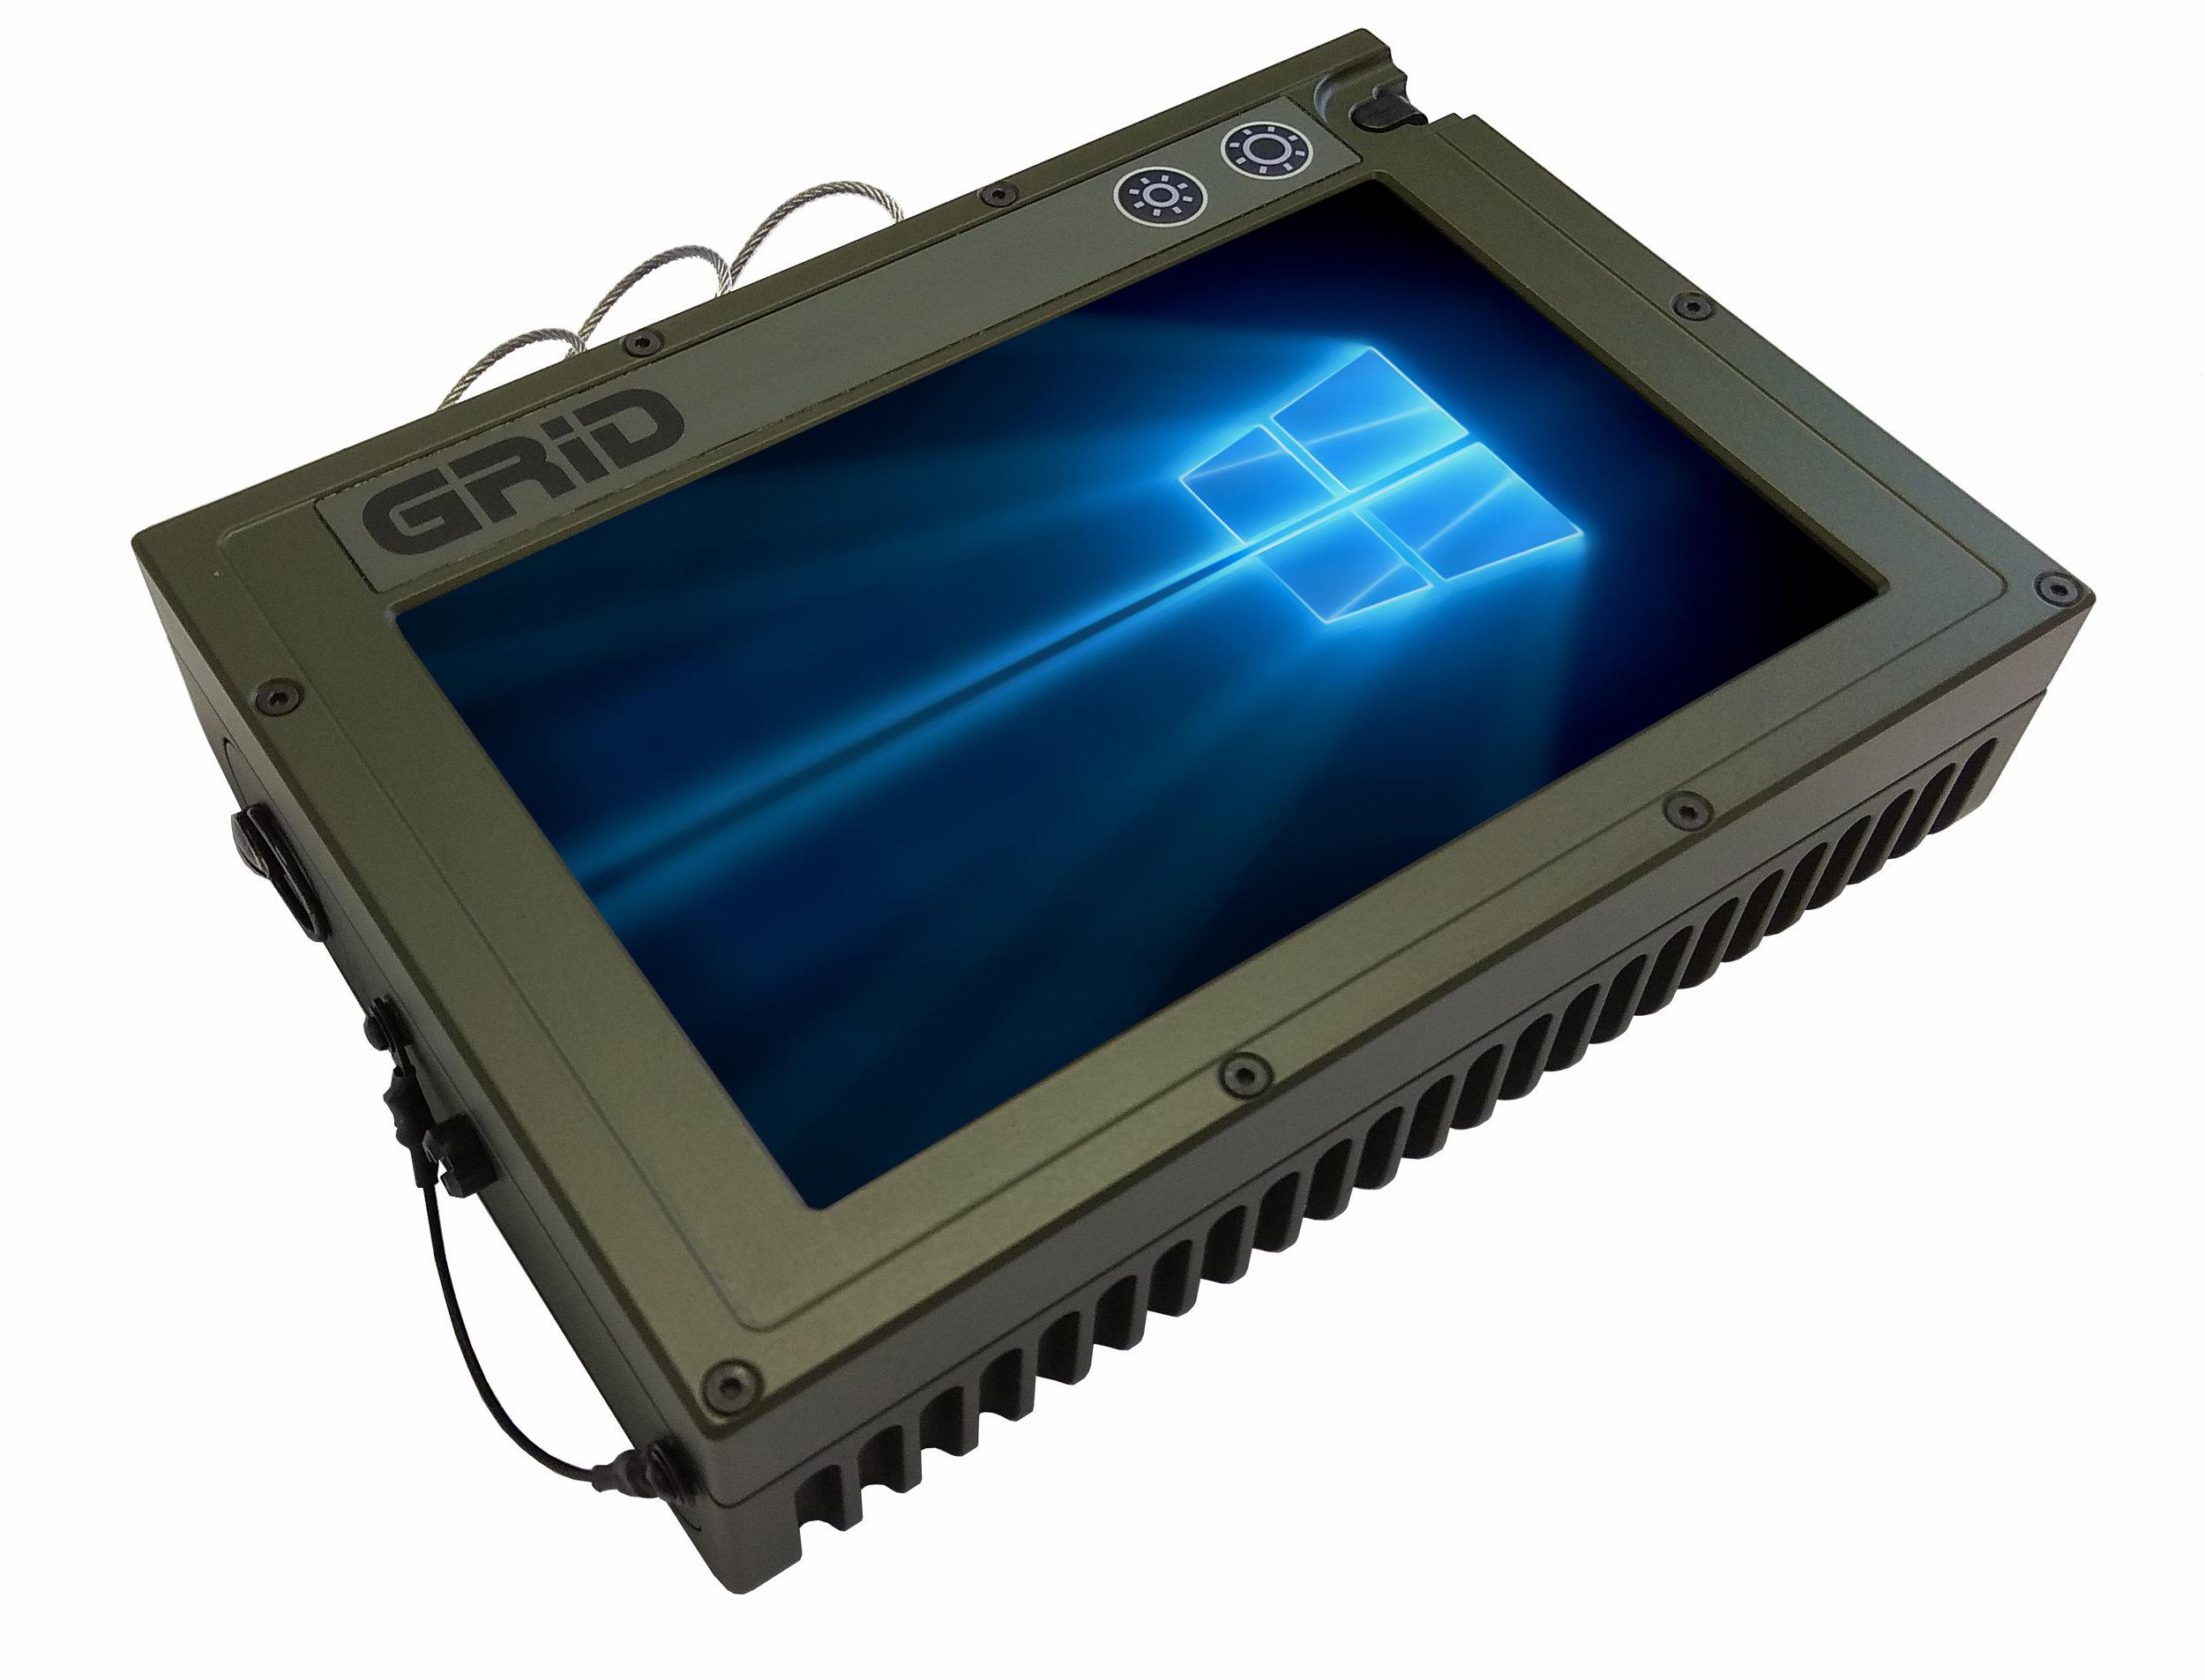 GRiDCASE 2510 Tablet Image 2.jpg